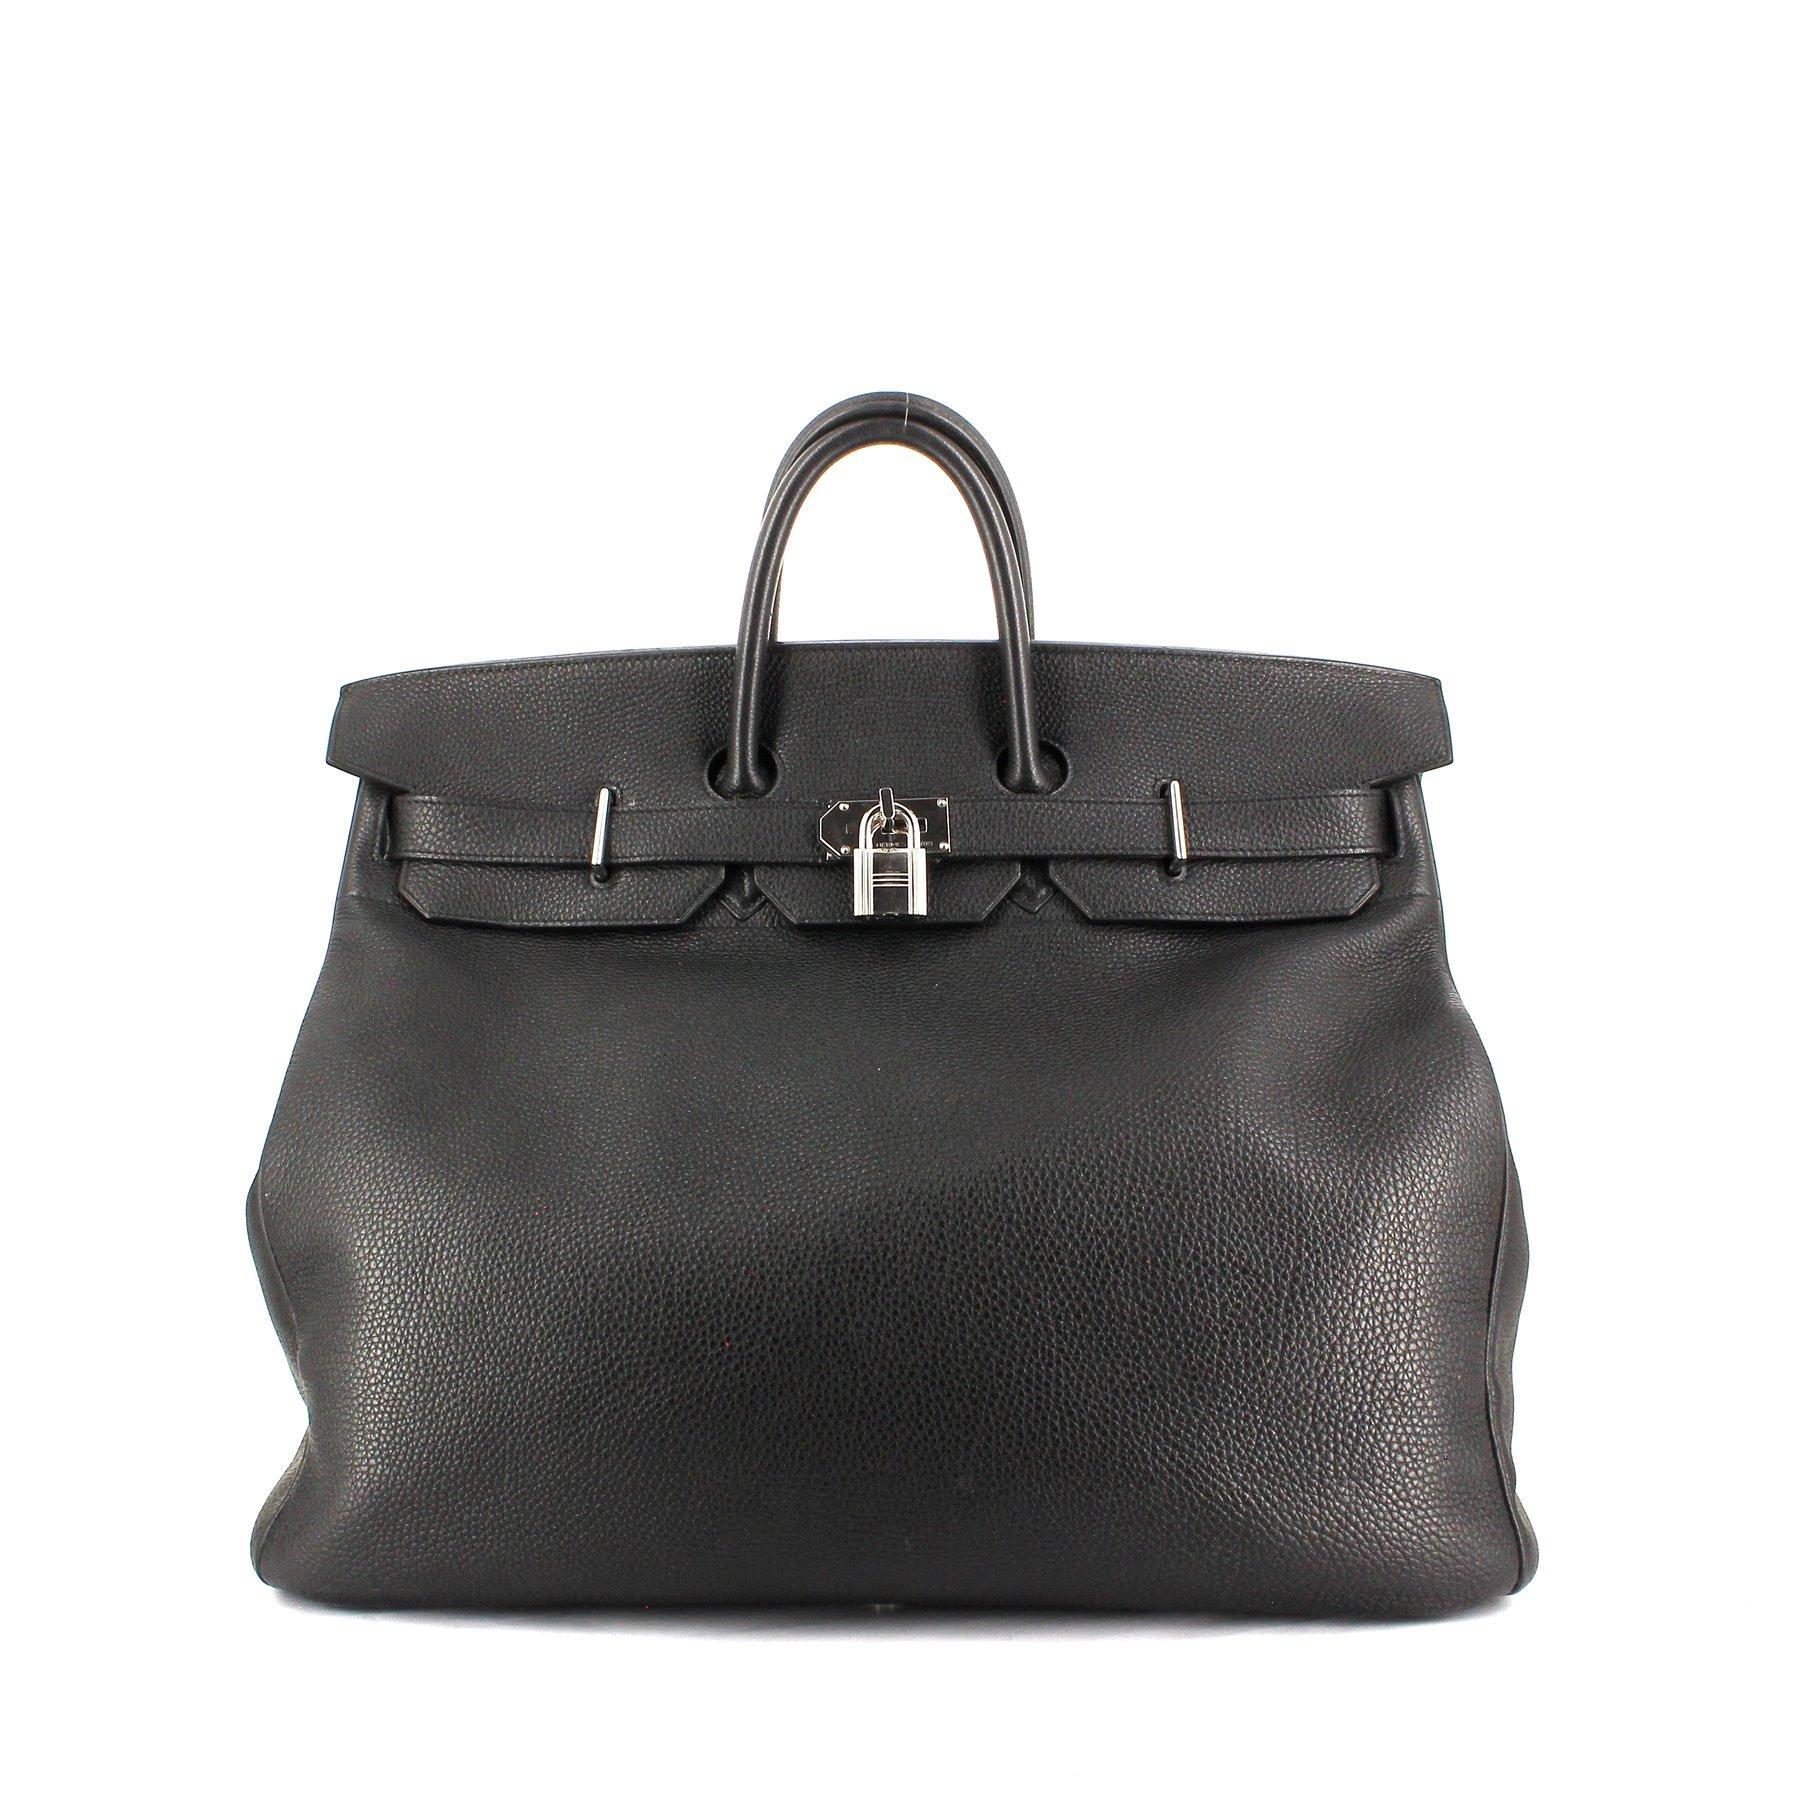 e0f6421123 Le Haut à courroies d'Hermès : le sac qui lança la marque au galop ...